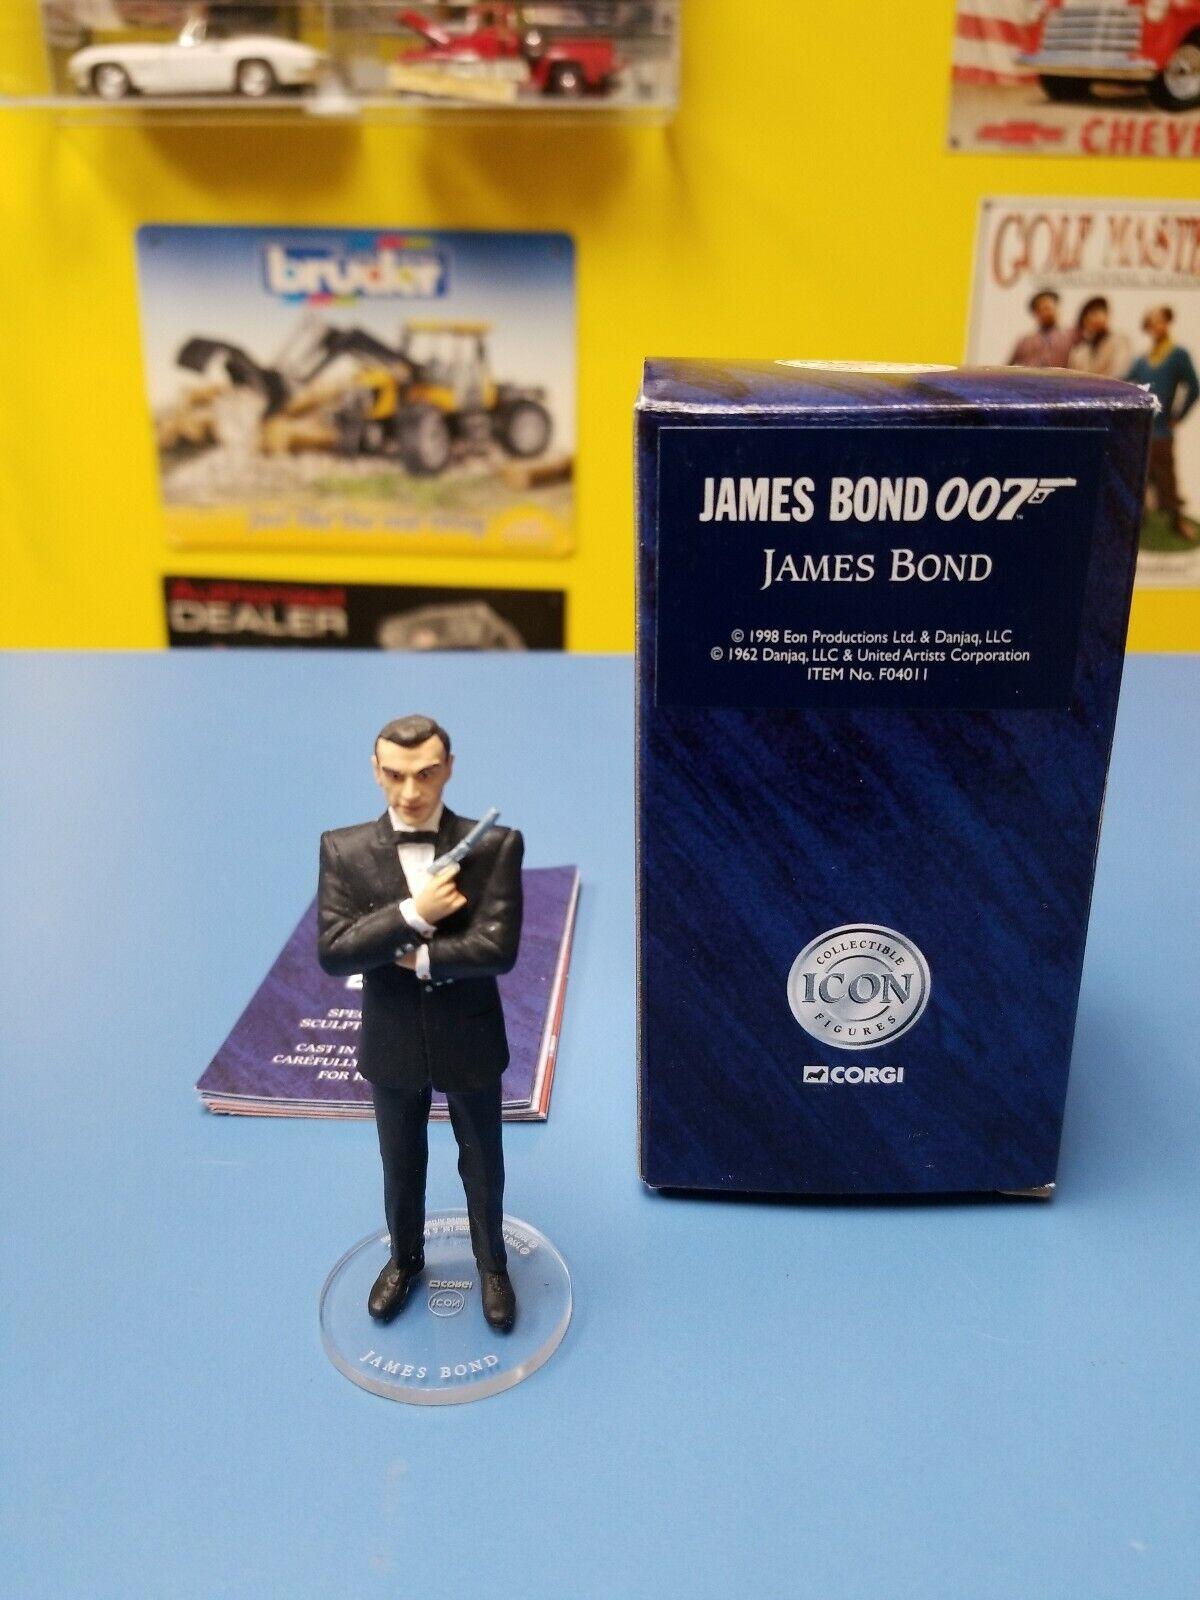 CORGI JAMES BOND 007 SEAN CONNERY ICON COLLECTION   RARE